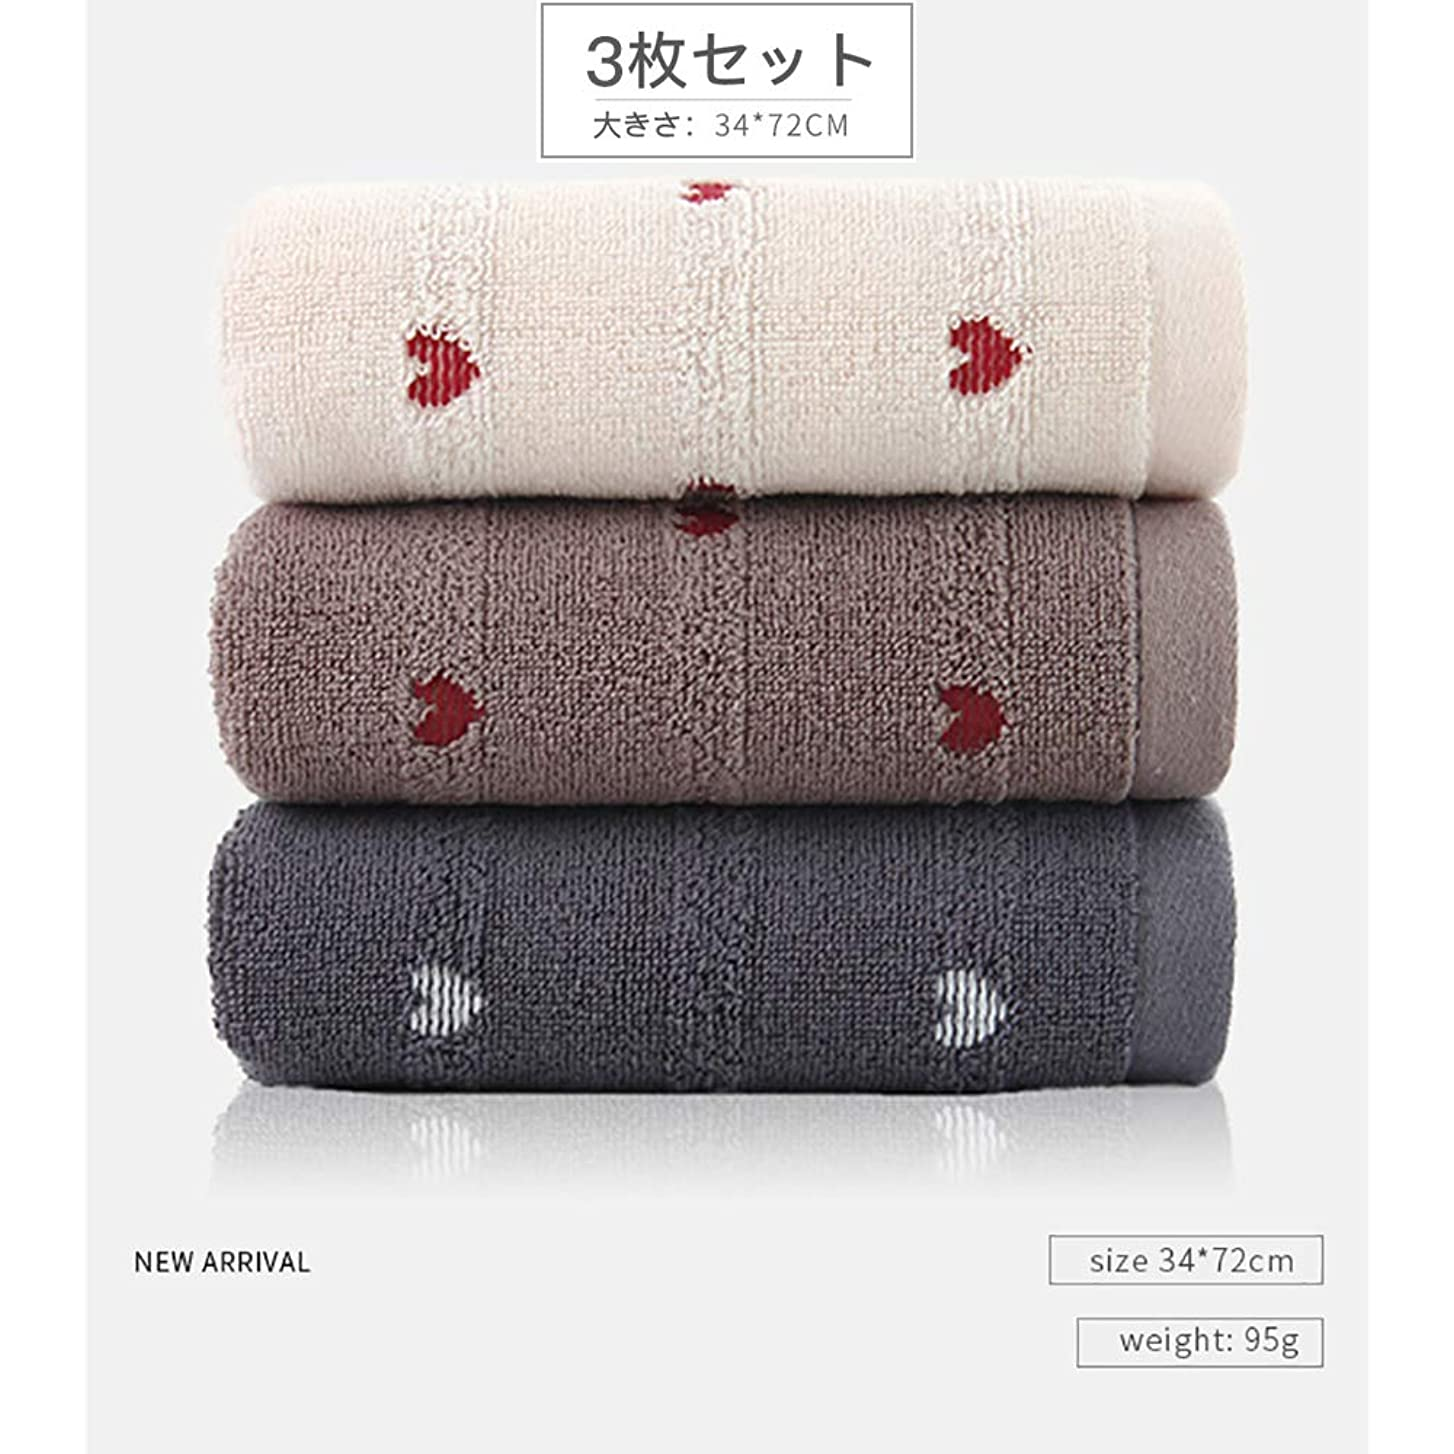 イサカ在庫例Aachen3枚のフェイスタオルの帯のセットは、家庭、ホテル、スポーツなどに適用できる人気のある綿100%ソフトタッチソフト瞬間吸引速度乾燥抗菌消臭重量約100g /シート3